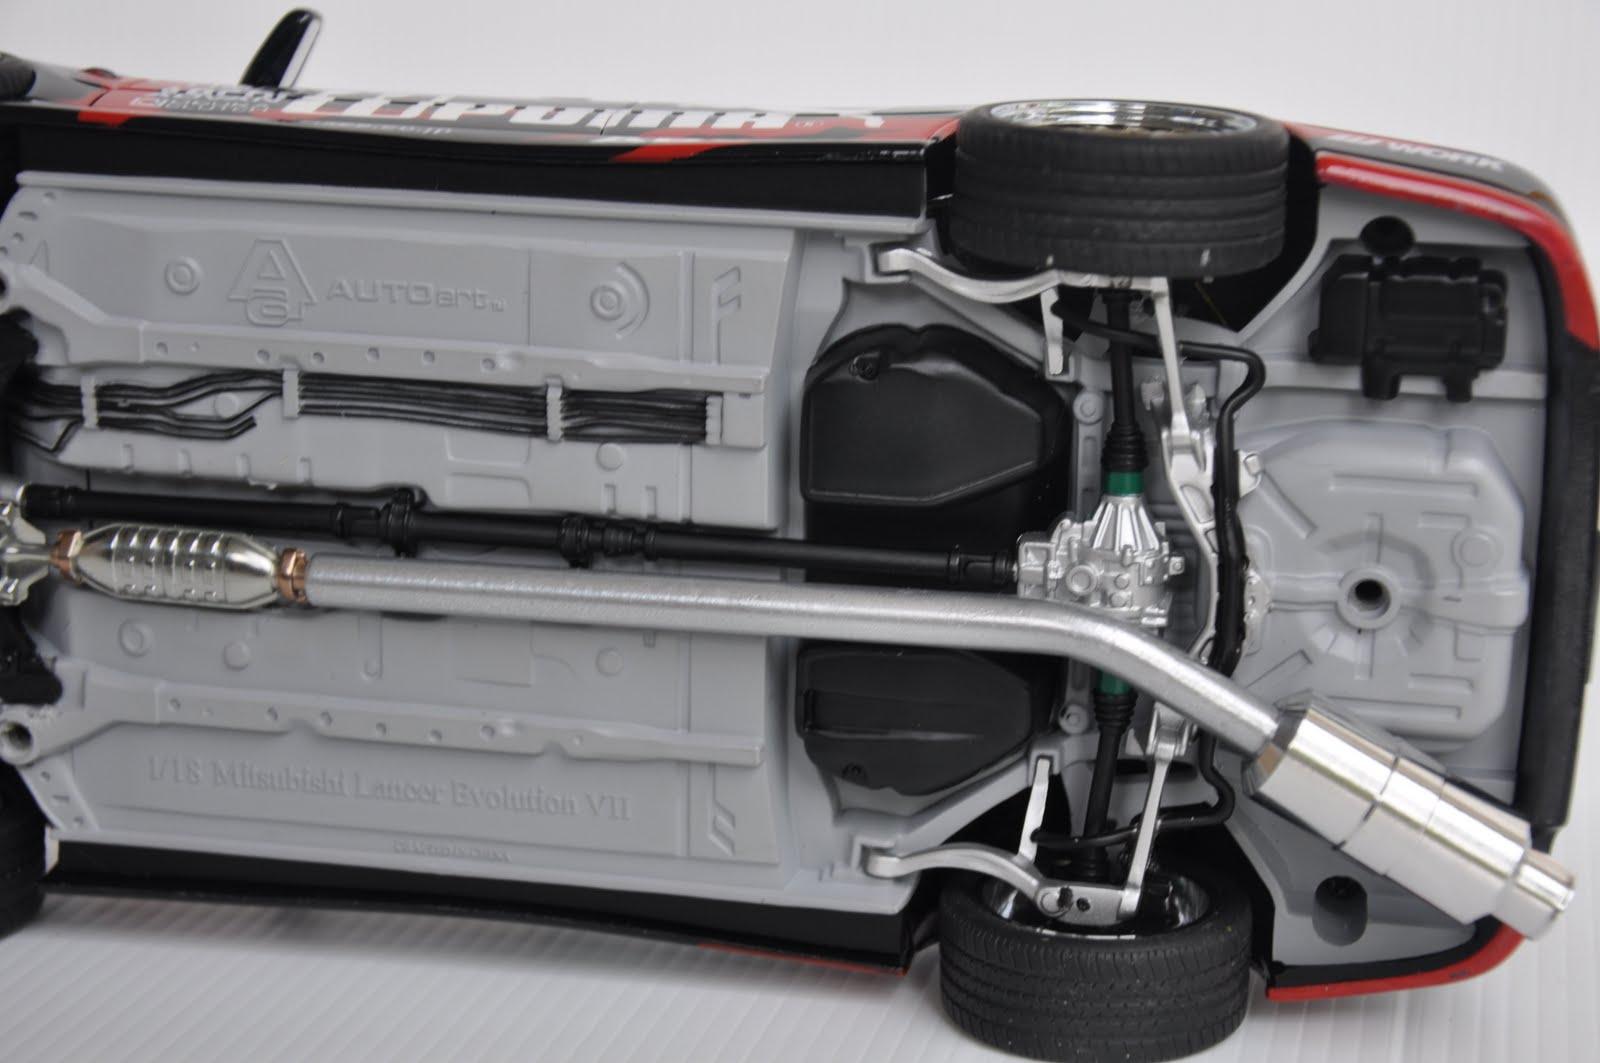 AKID DIECAST WORLD: 1:18 AUTOART MITSUBISHI LANCER EVOLUTION VII STREET CAR - CUSTOM BY AKID GARAGE